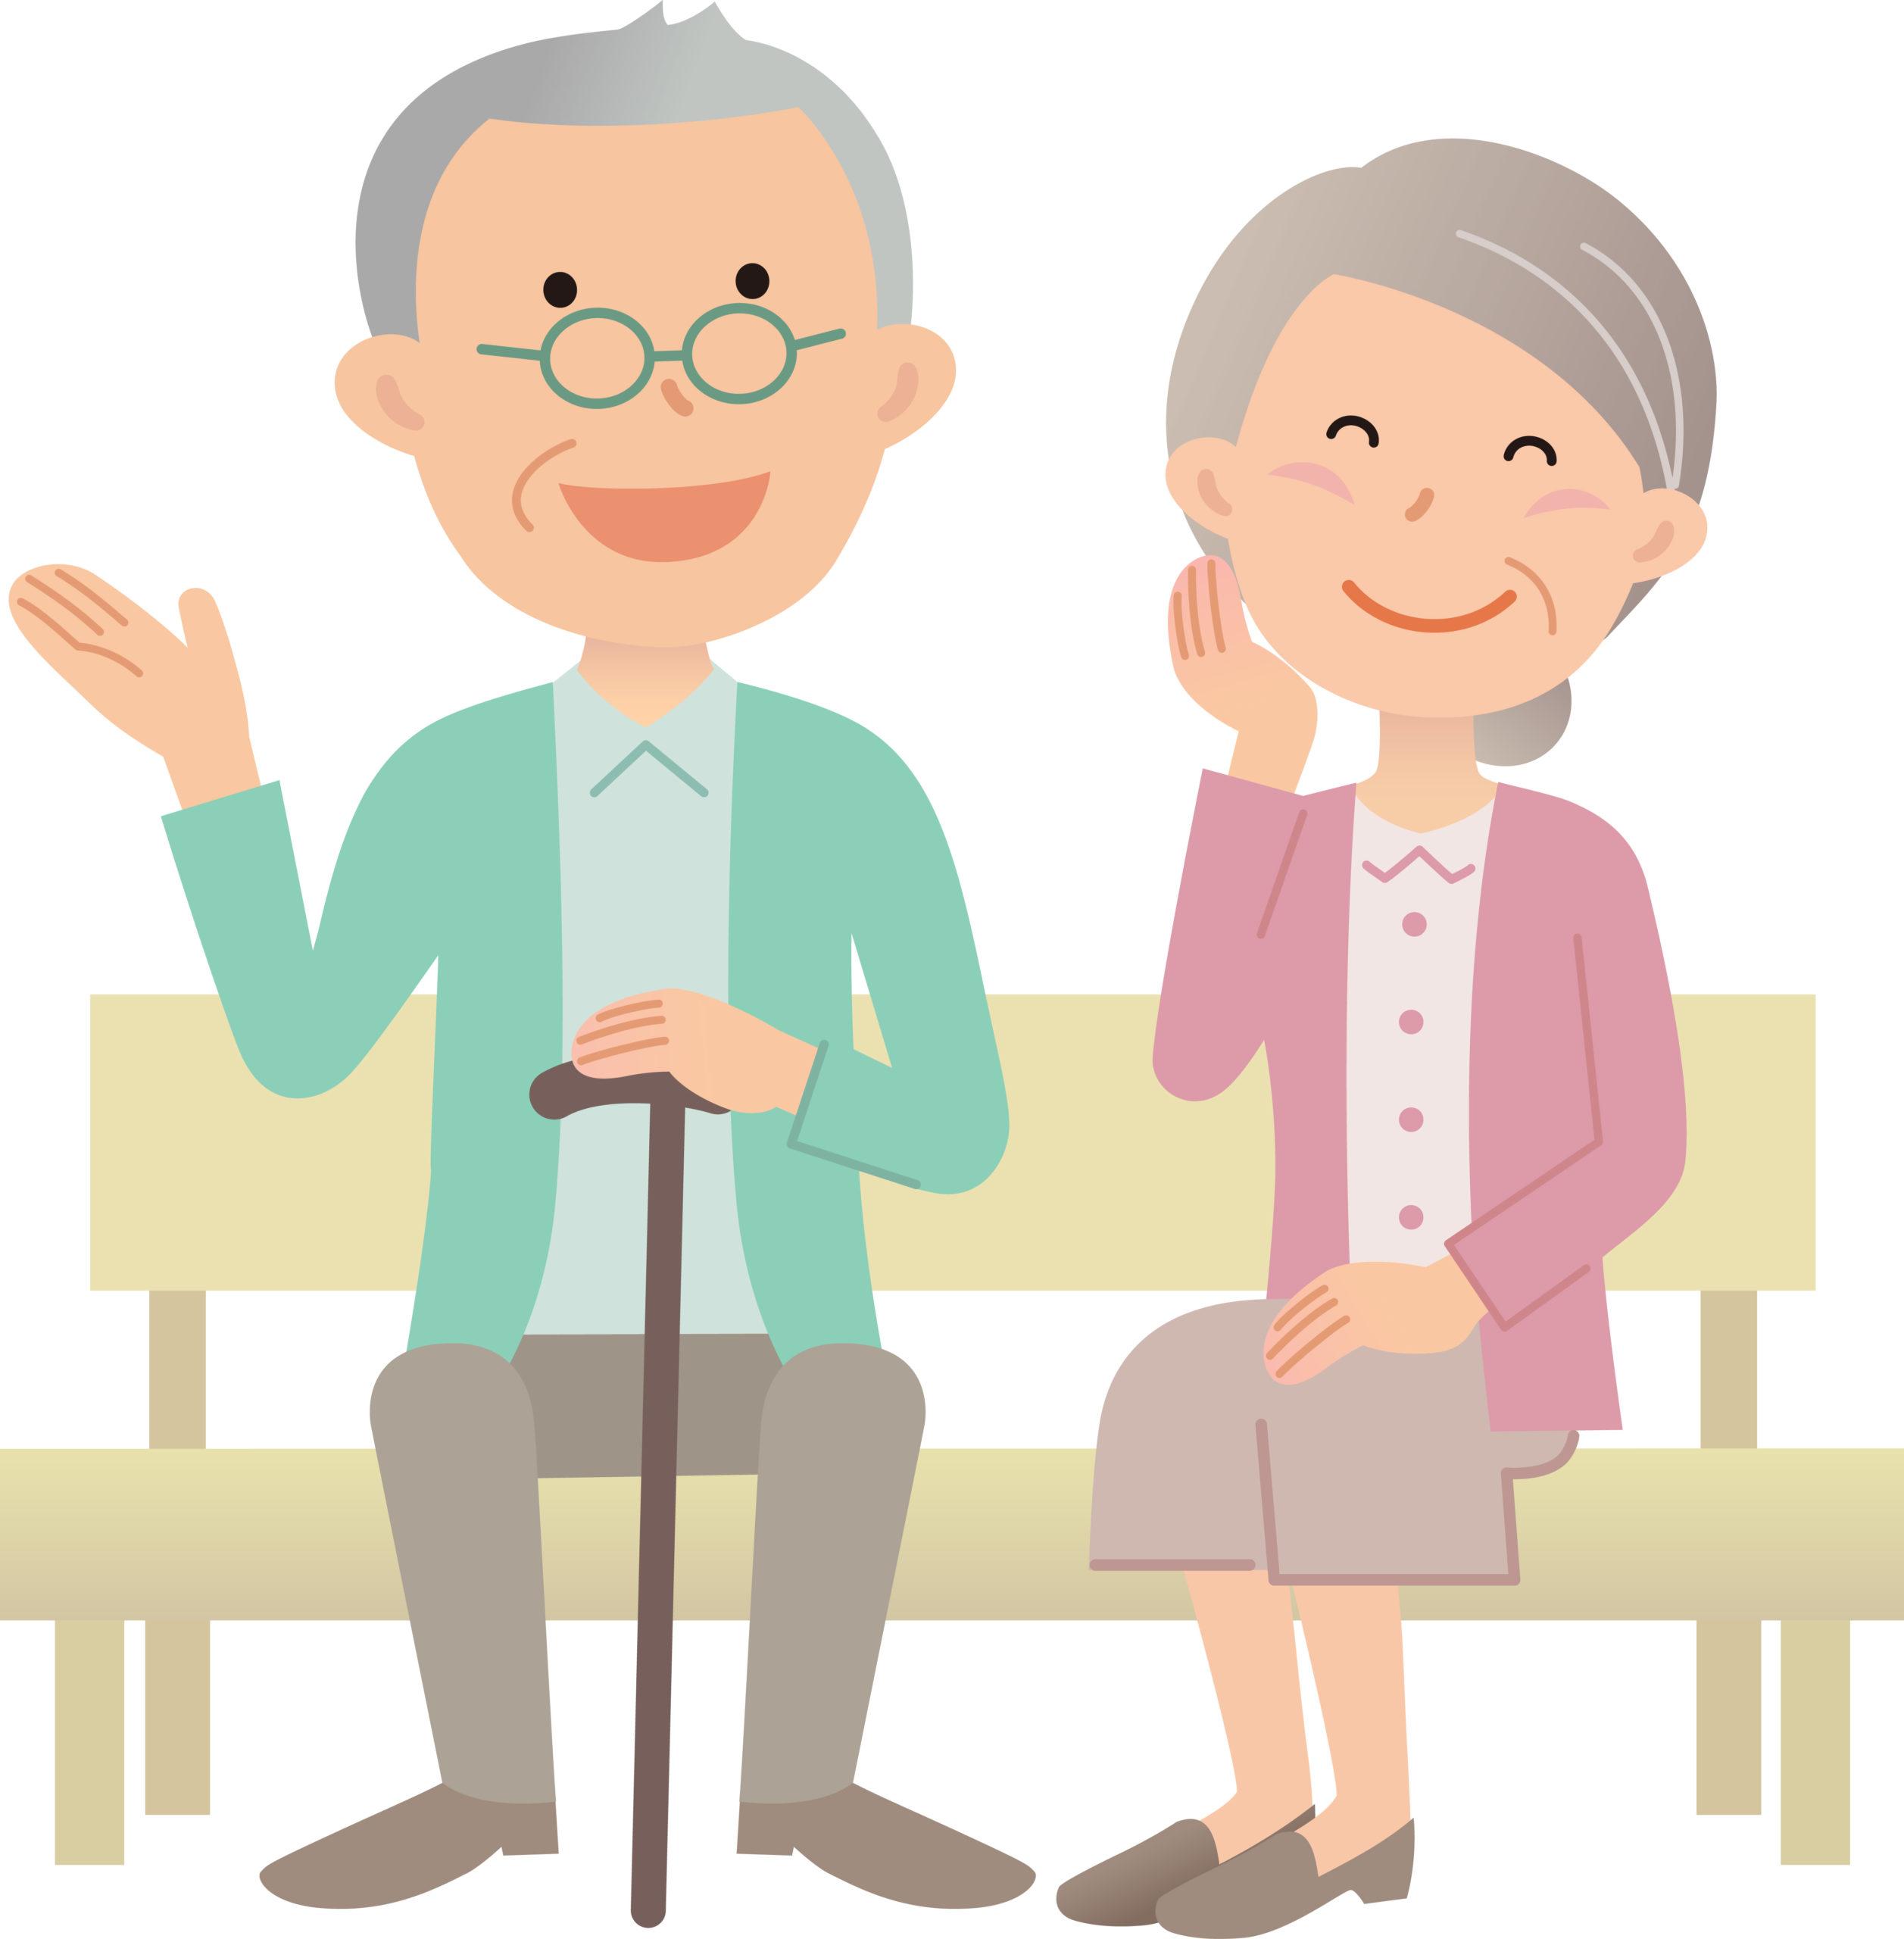 ベンチに座る老夫婦のイメージ画像